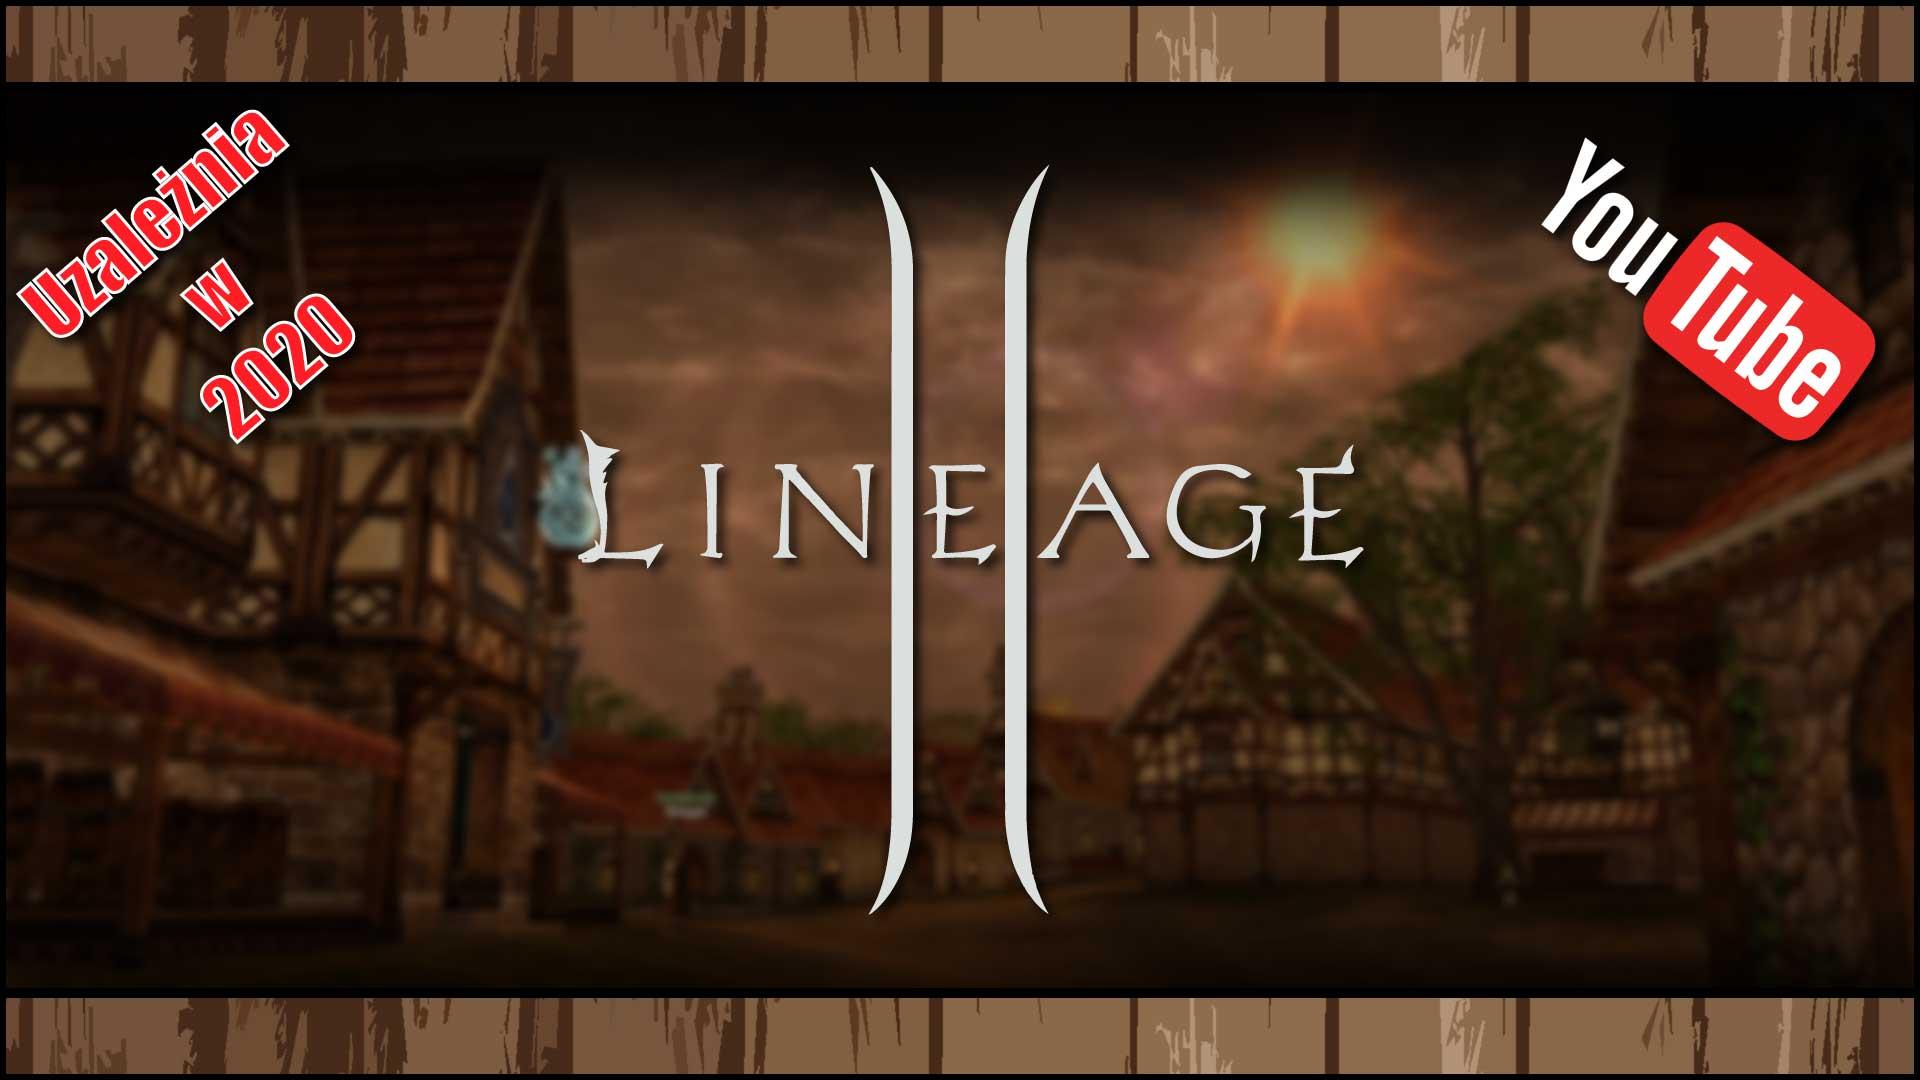 [YouTube] Lineage 2 potrafi uzależnić nawet w2020 roku